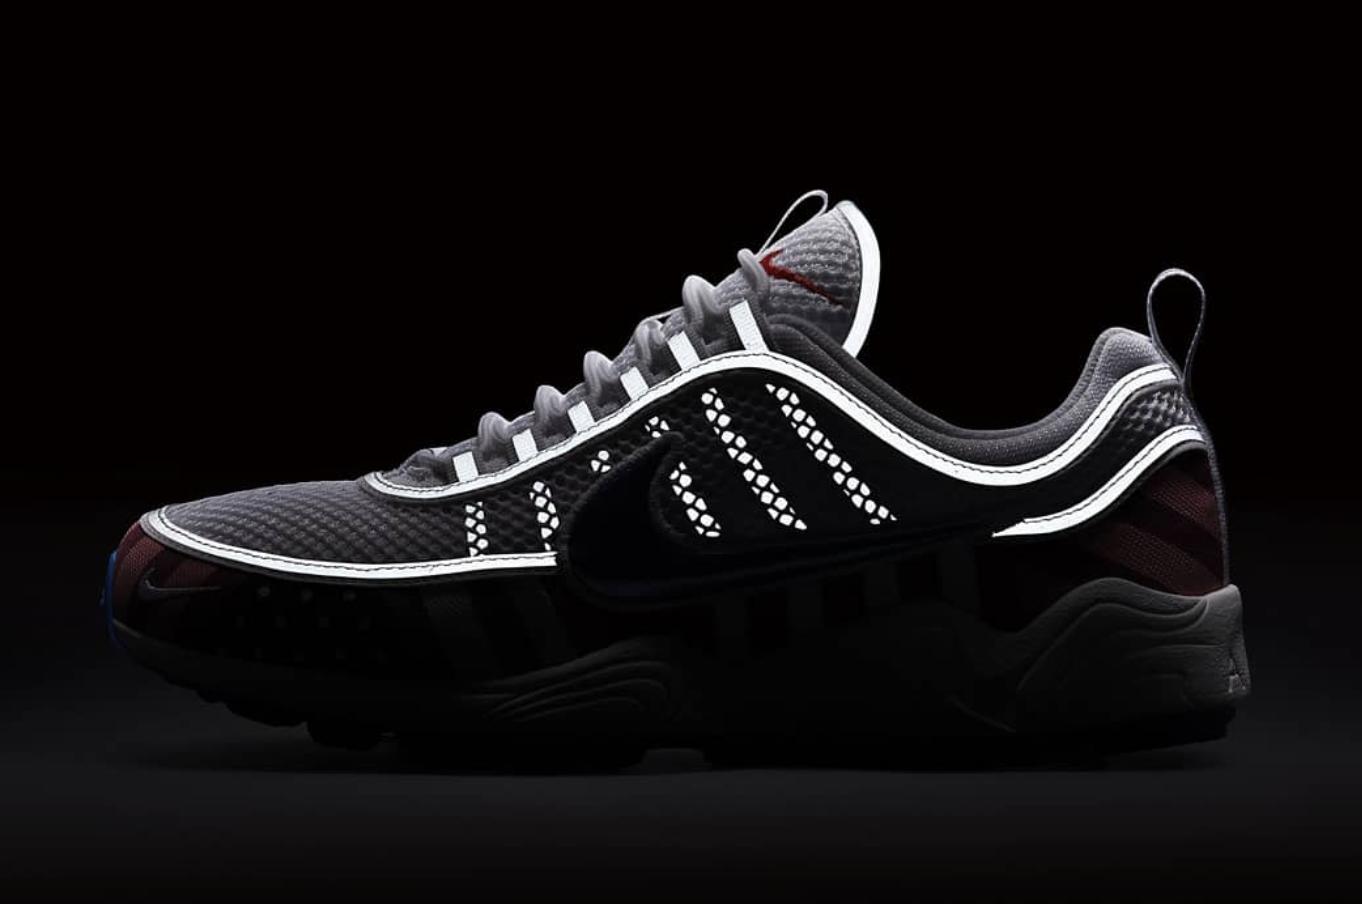 Parra x Nike Zoom Spiridon White Multi  47ce91db0